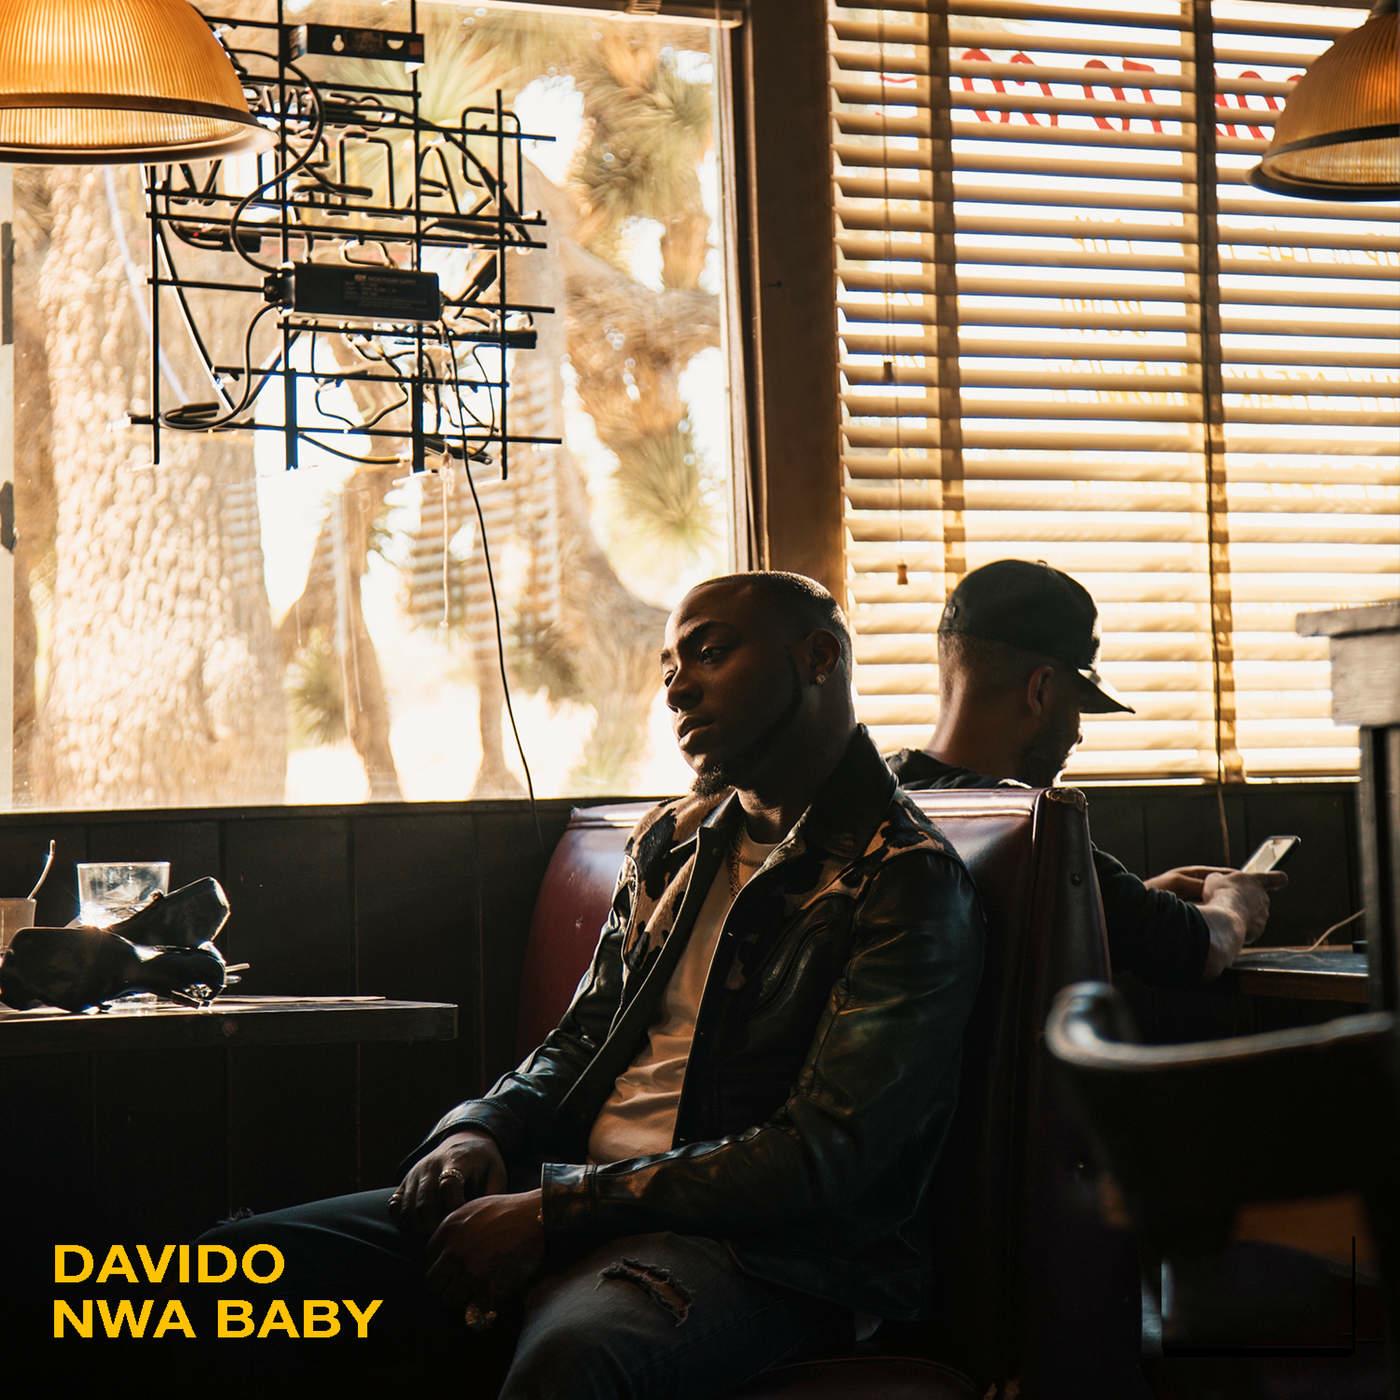 Davido - Nwa Baby (Official Version)